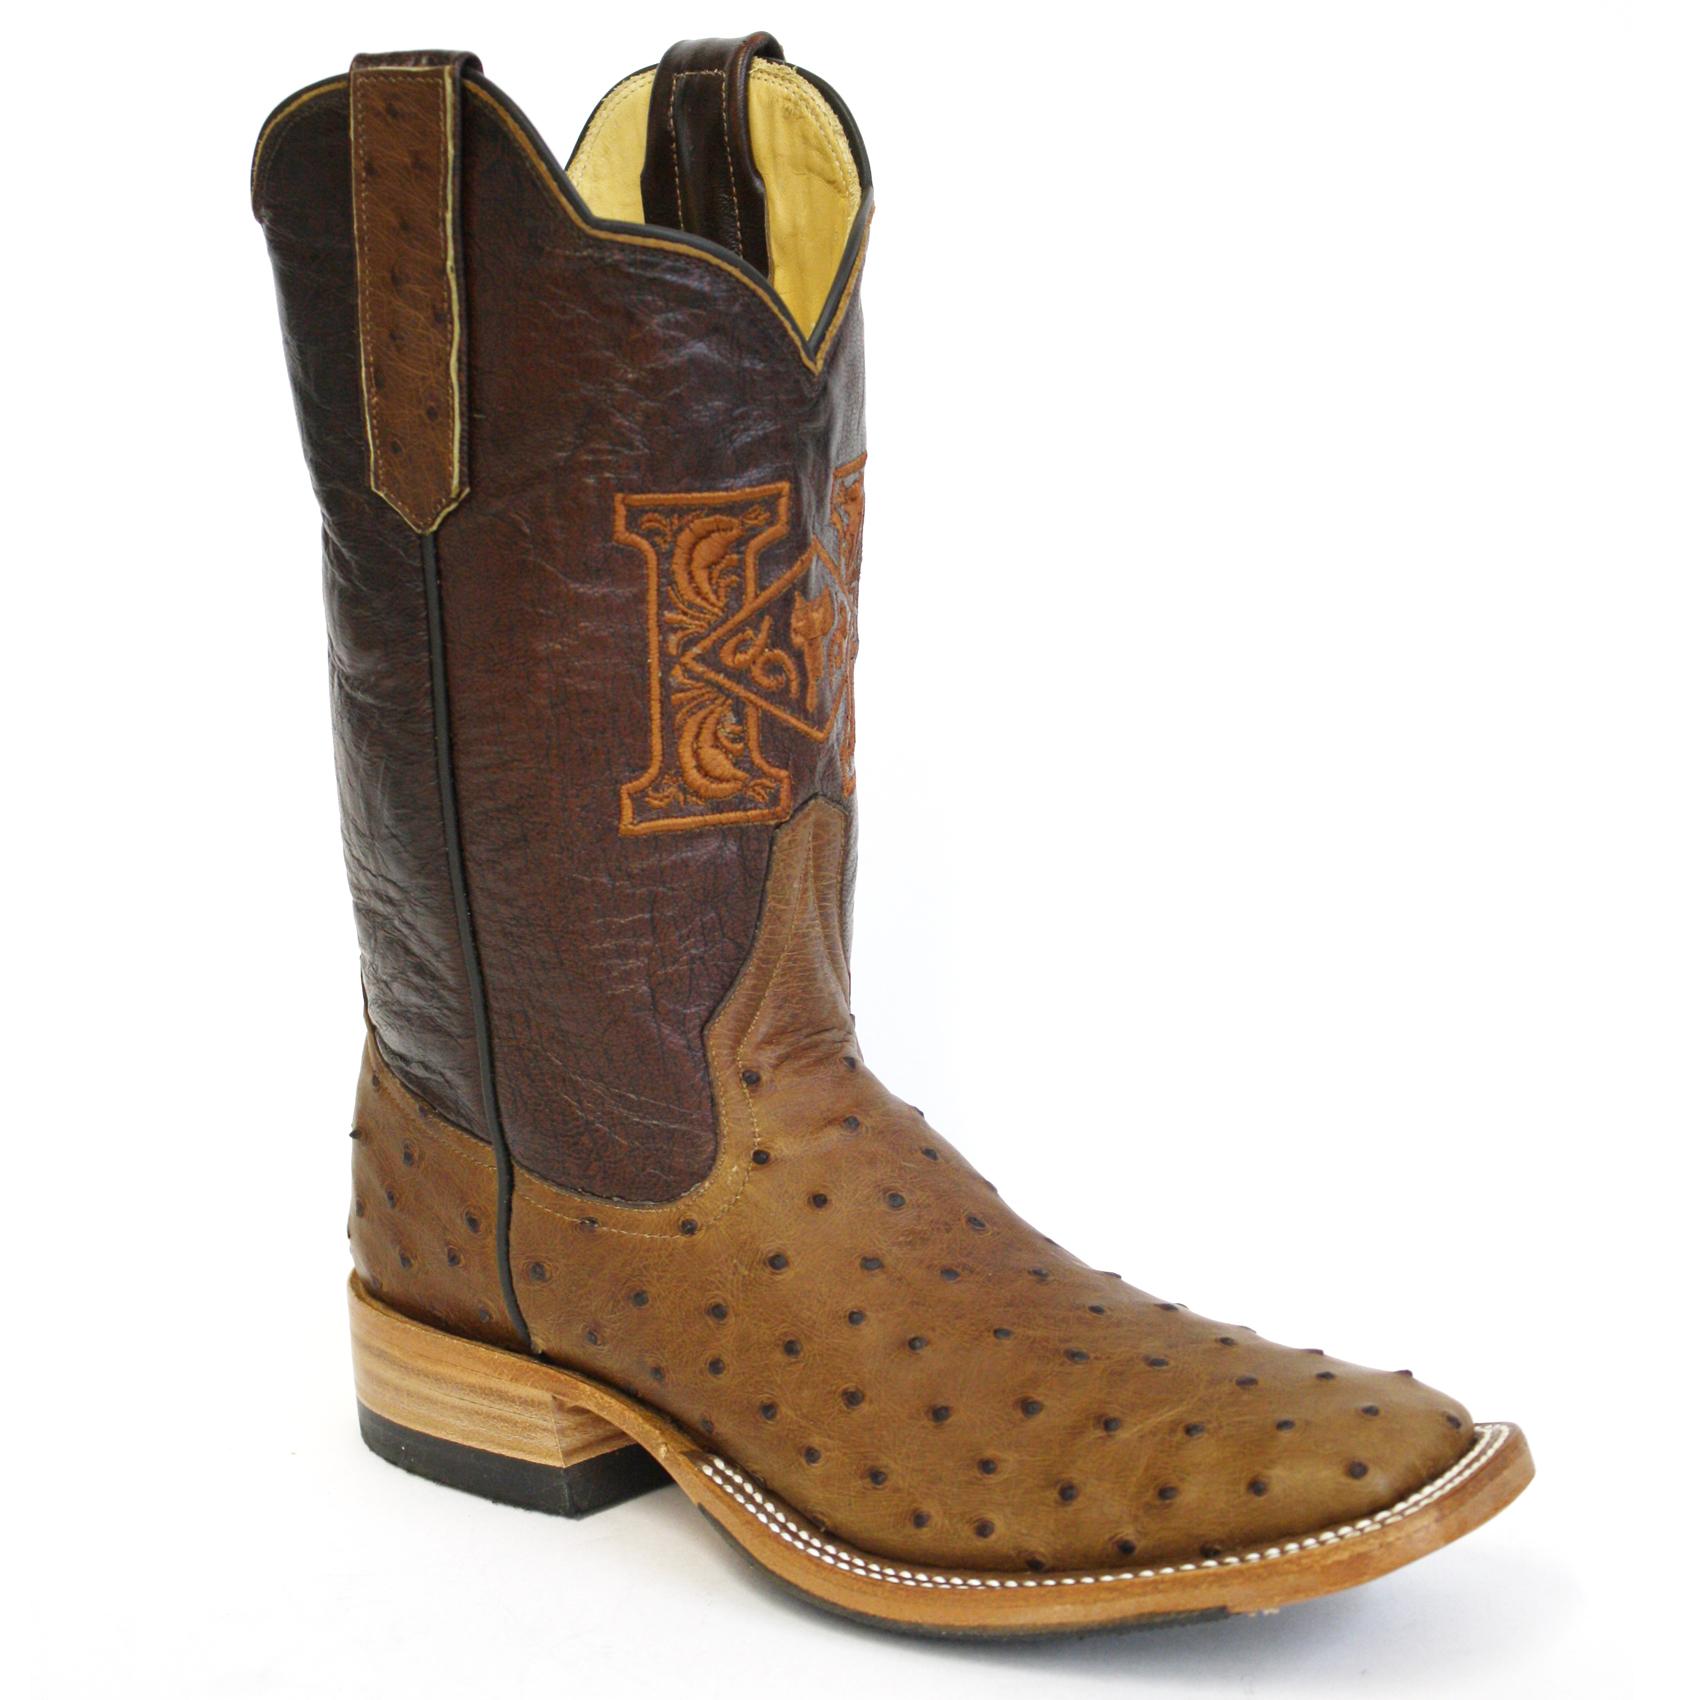 Kango Full Quill Ostrich Boots